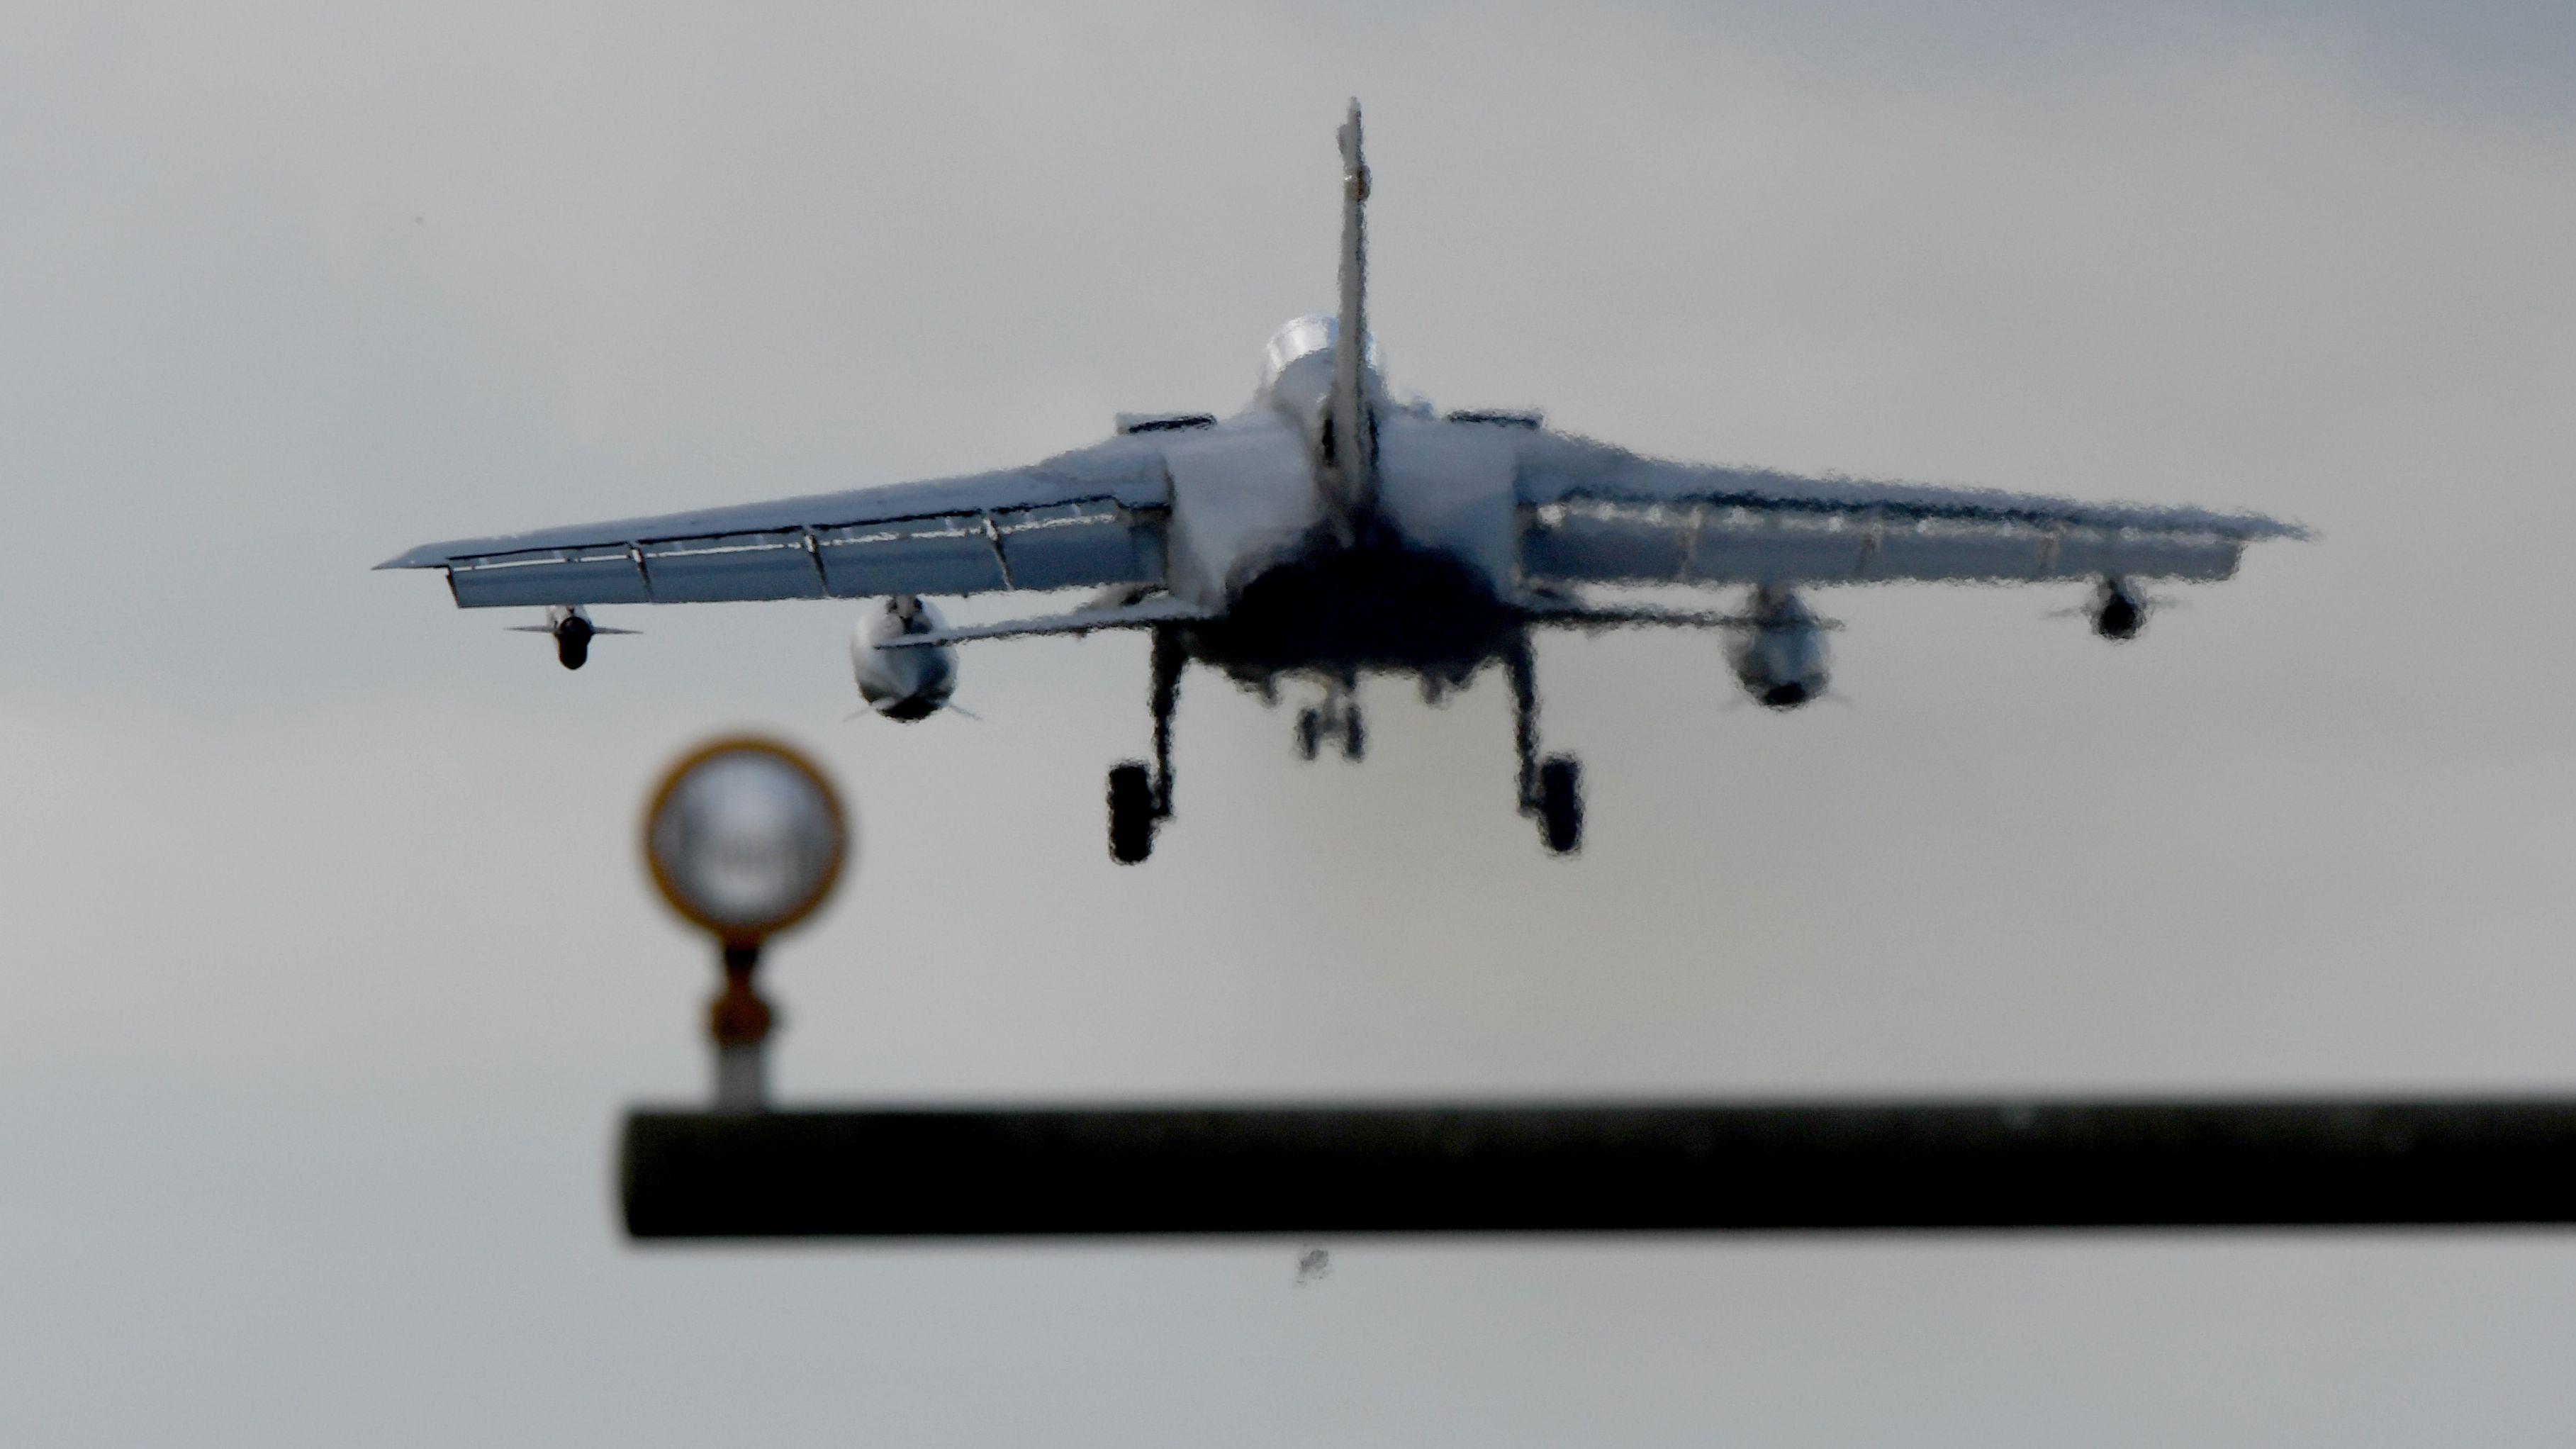 Ein Tornado-Kampfjet setzt zur Landung an